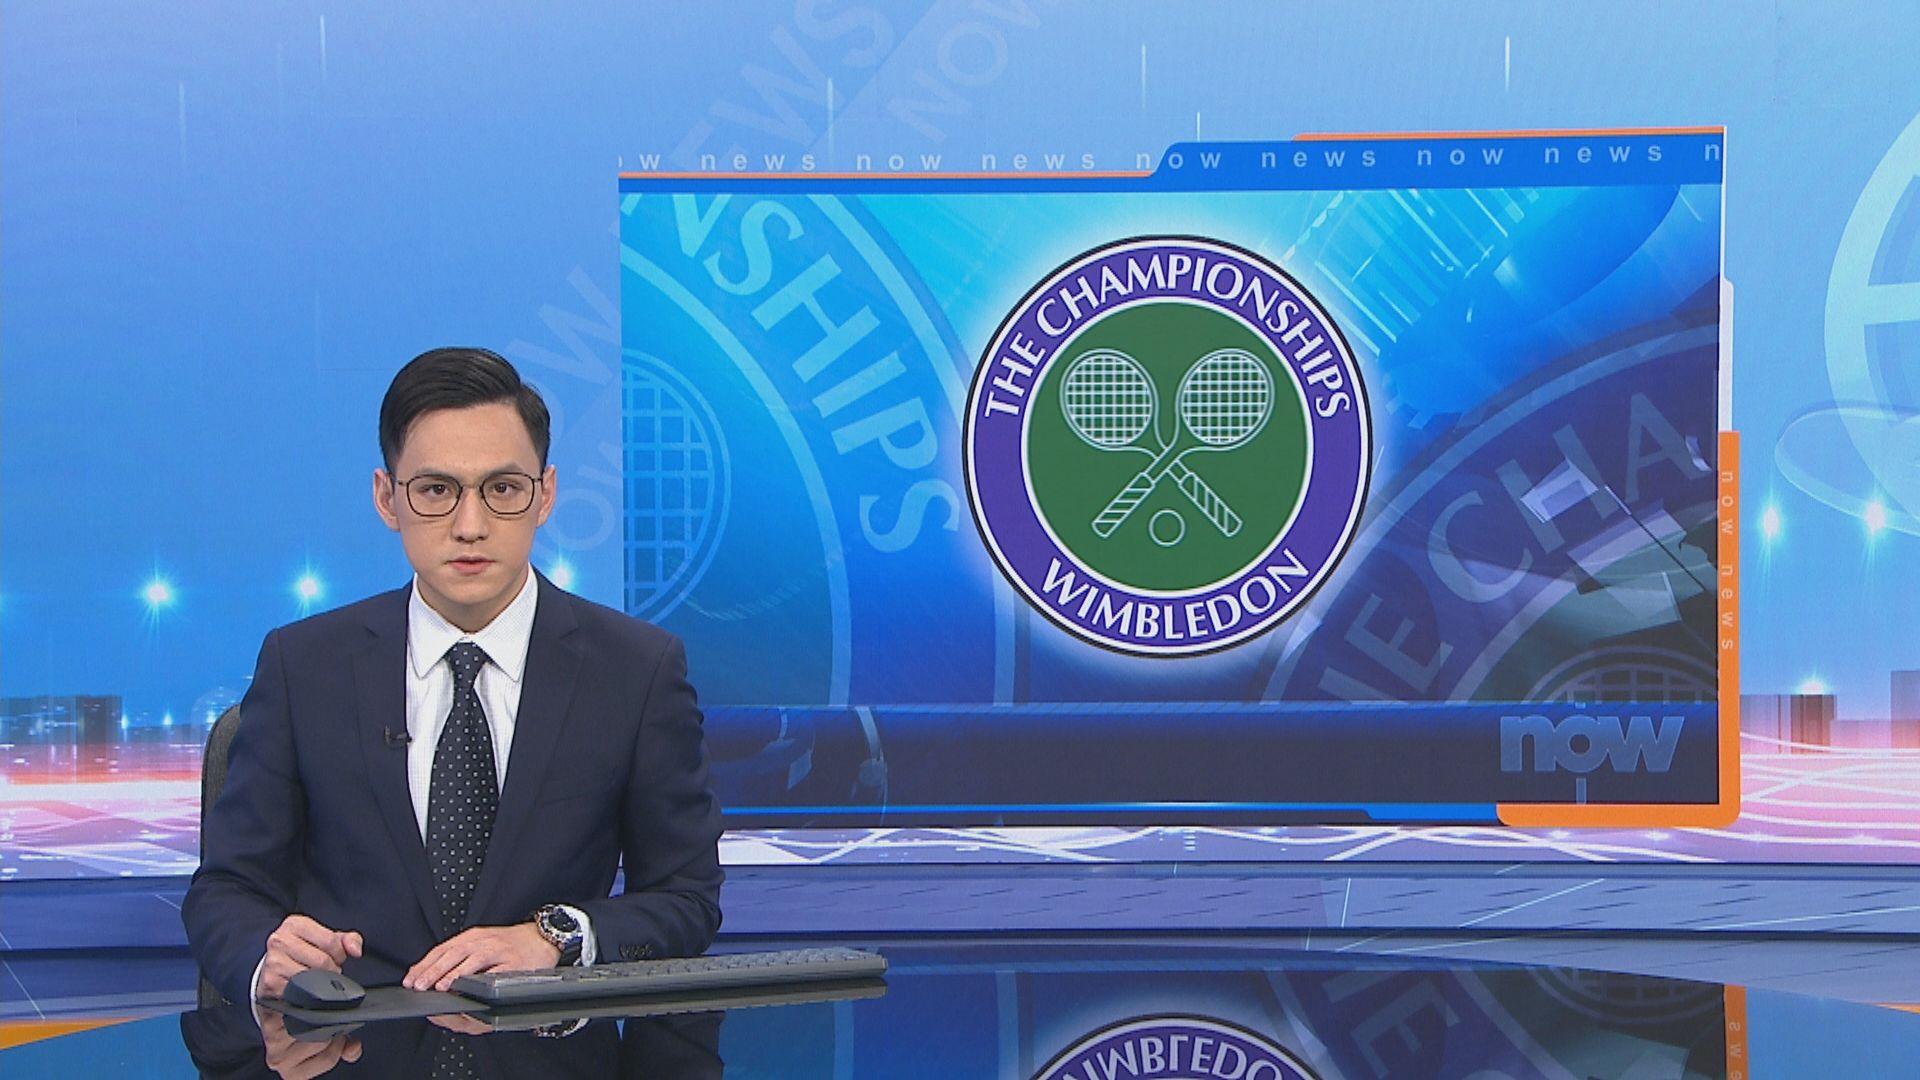 溫布頓網球賽因疫情宣布取消